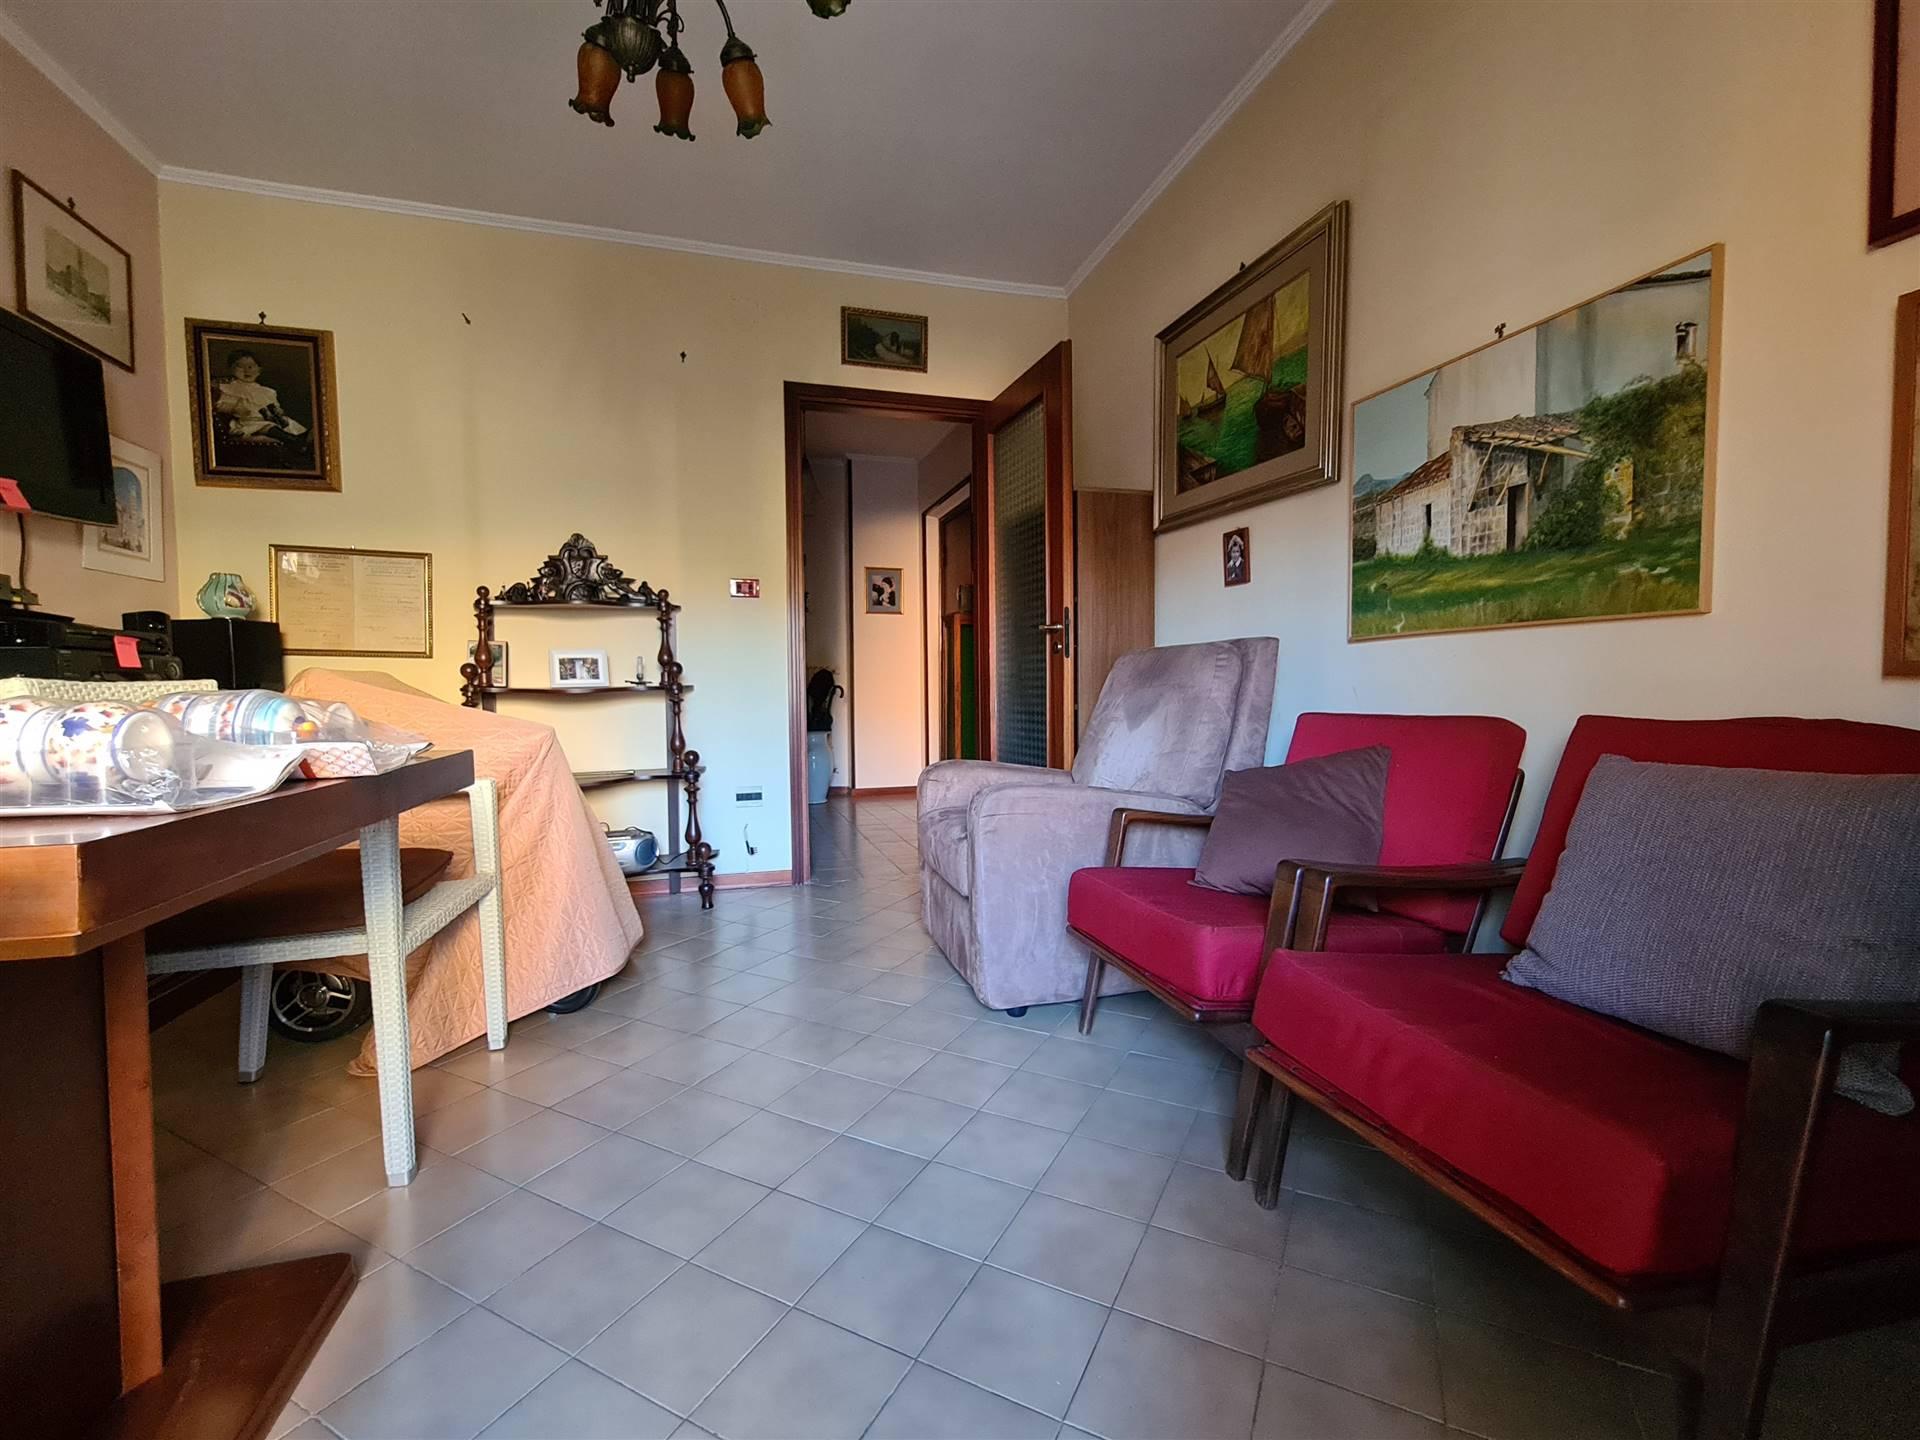 AV923A-Appartamento-SANTA-MARIA-CAPUA-VETERE-Viale-Consiglio-d'Europa